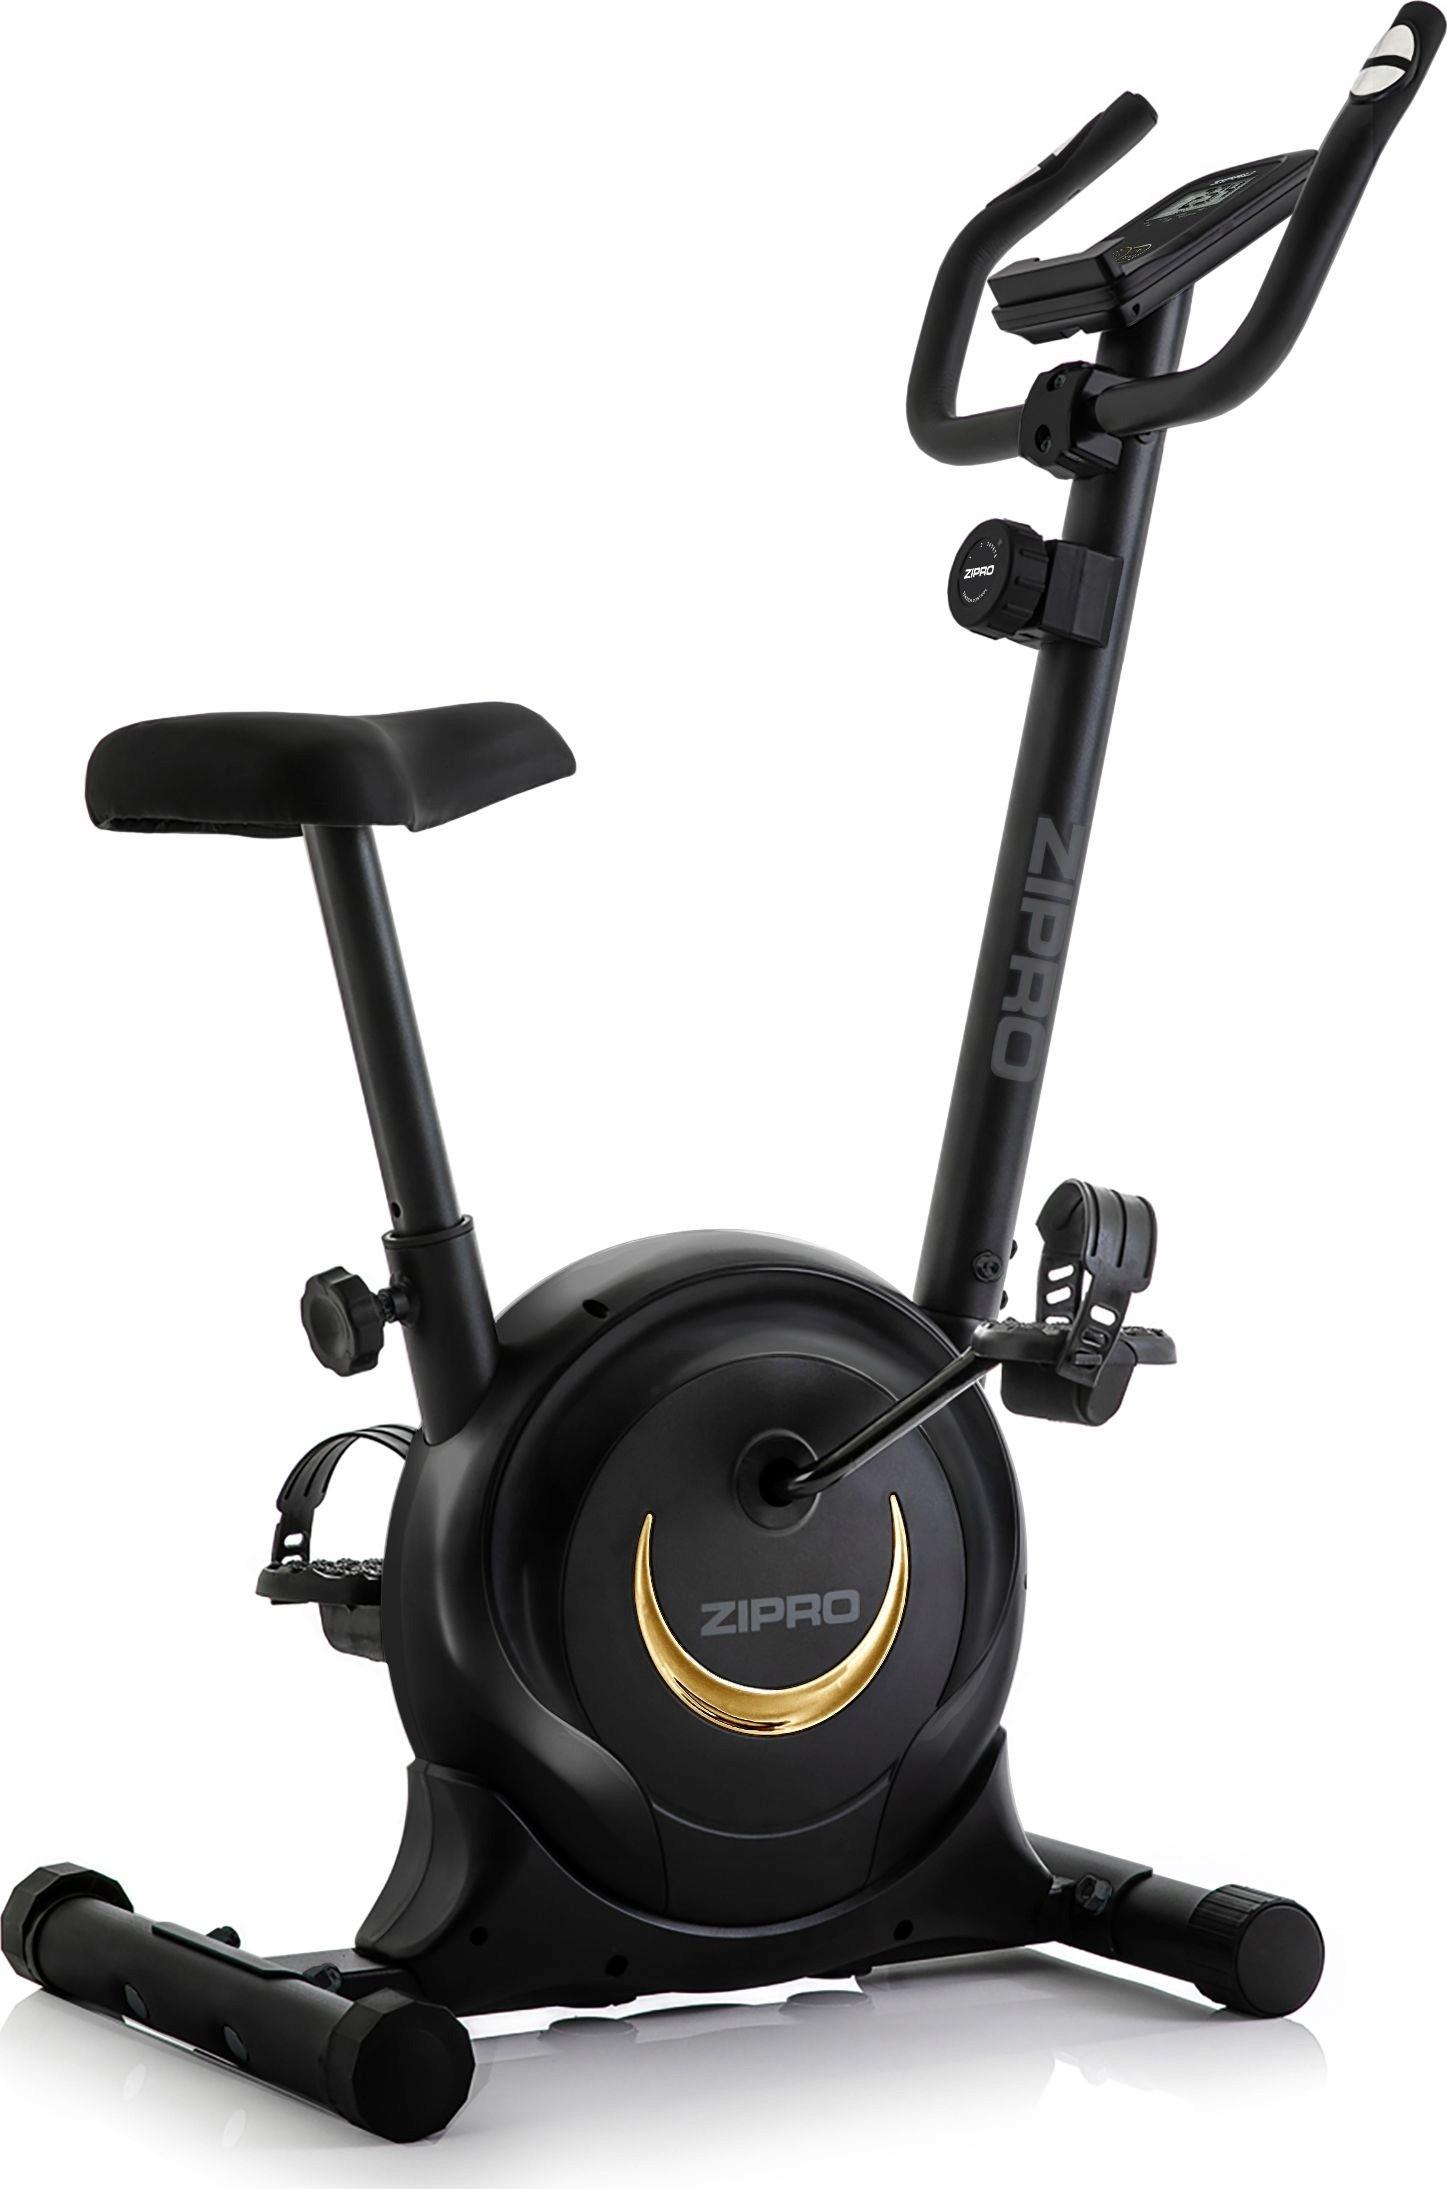 ONE Rower Magnetyczny rowerek treningowy S - Zipro